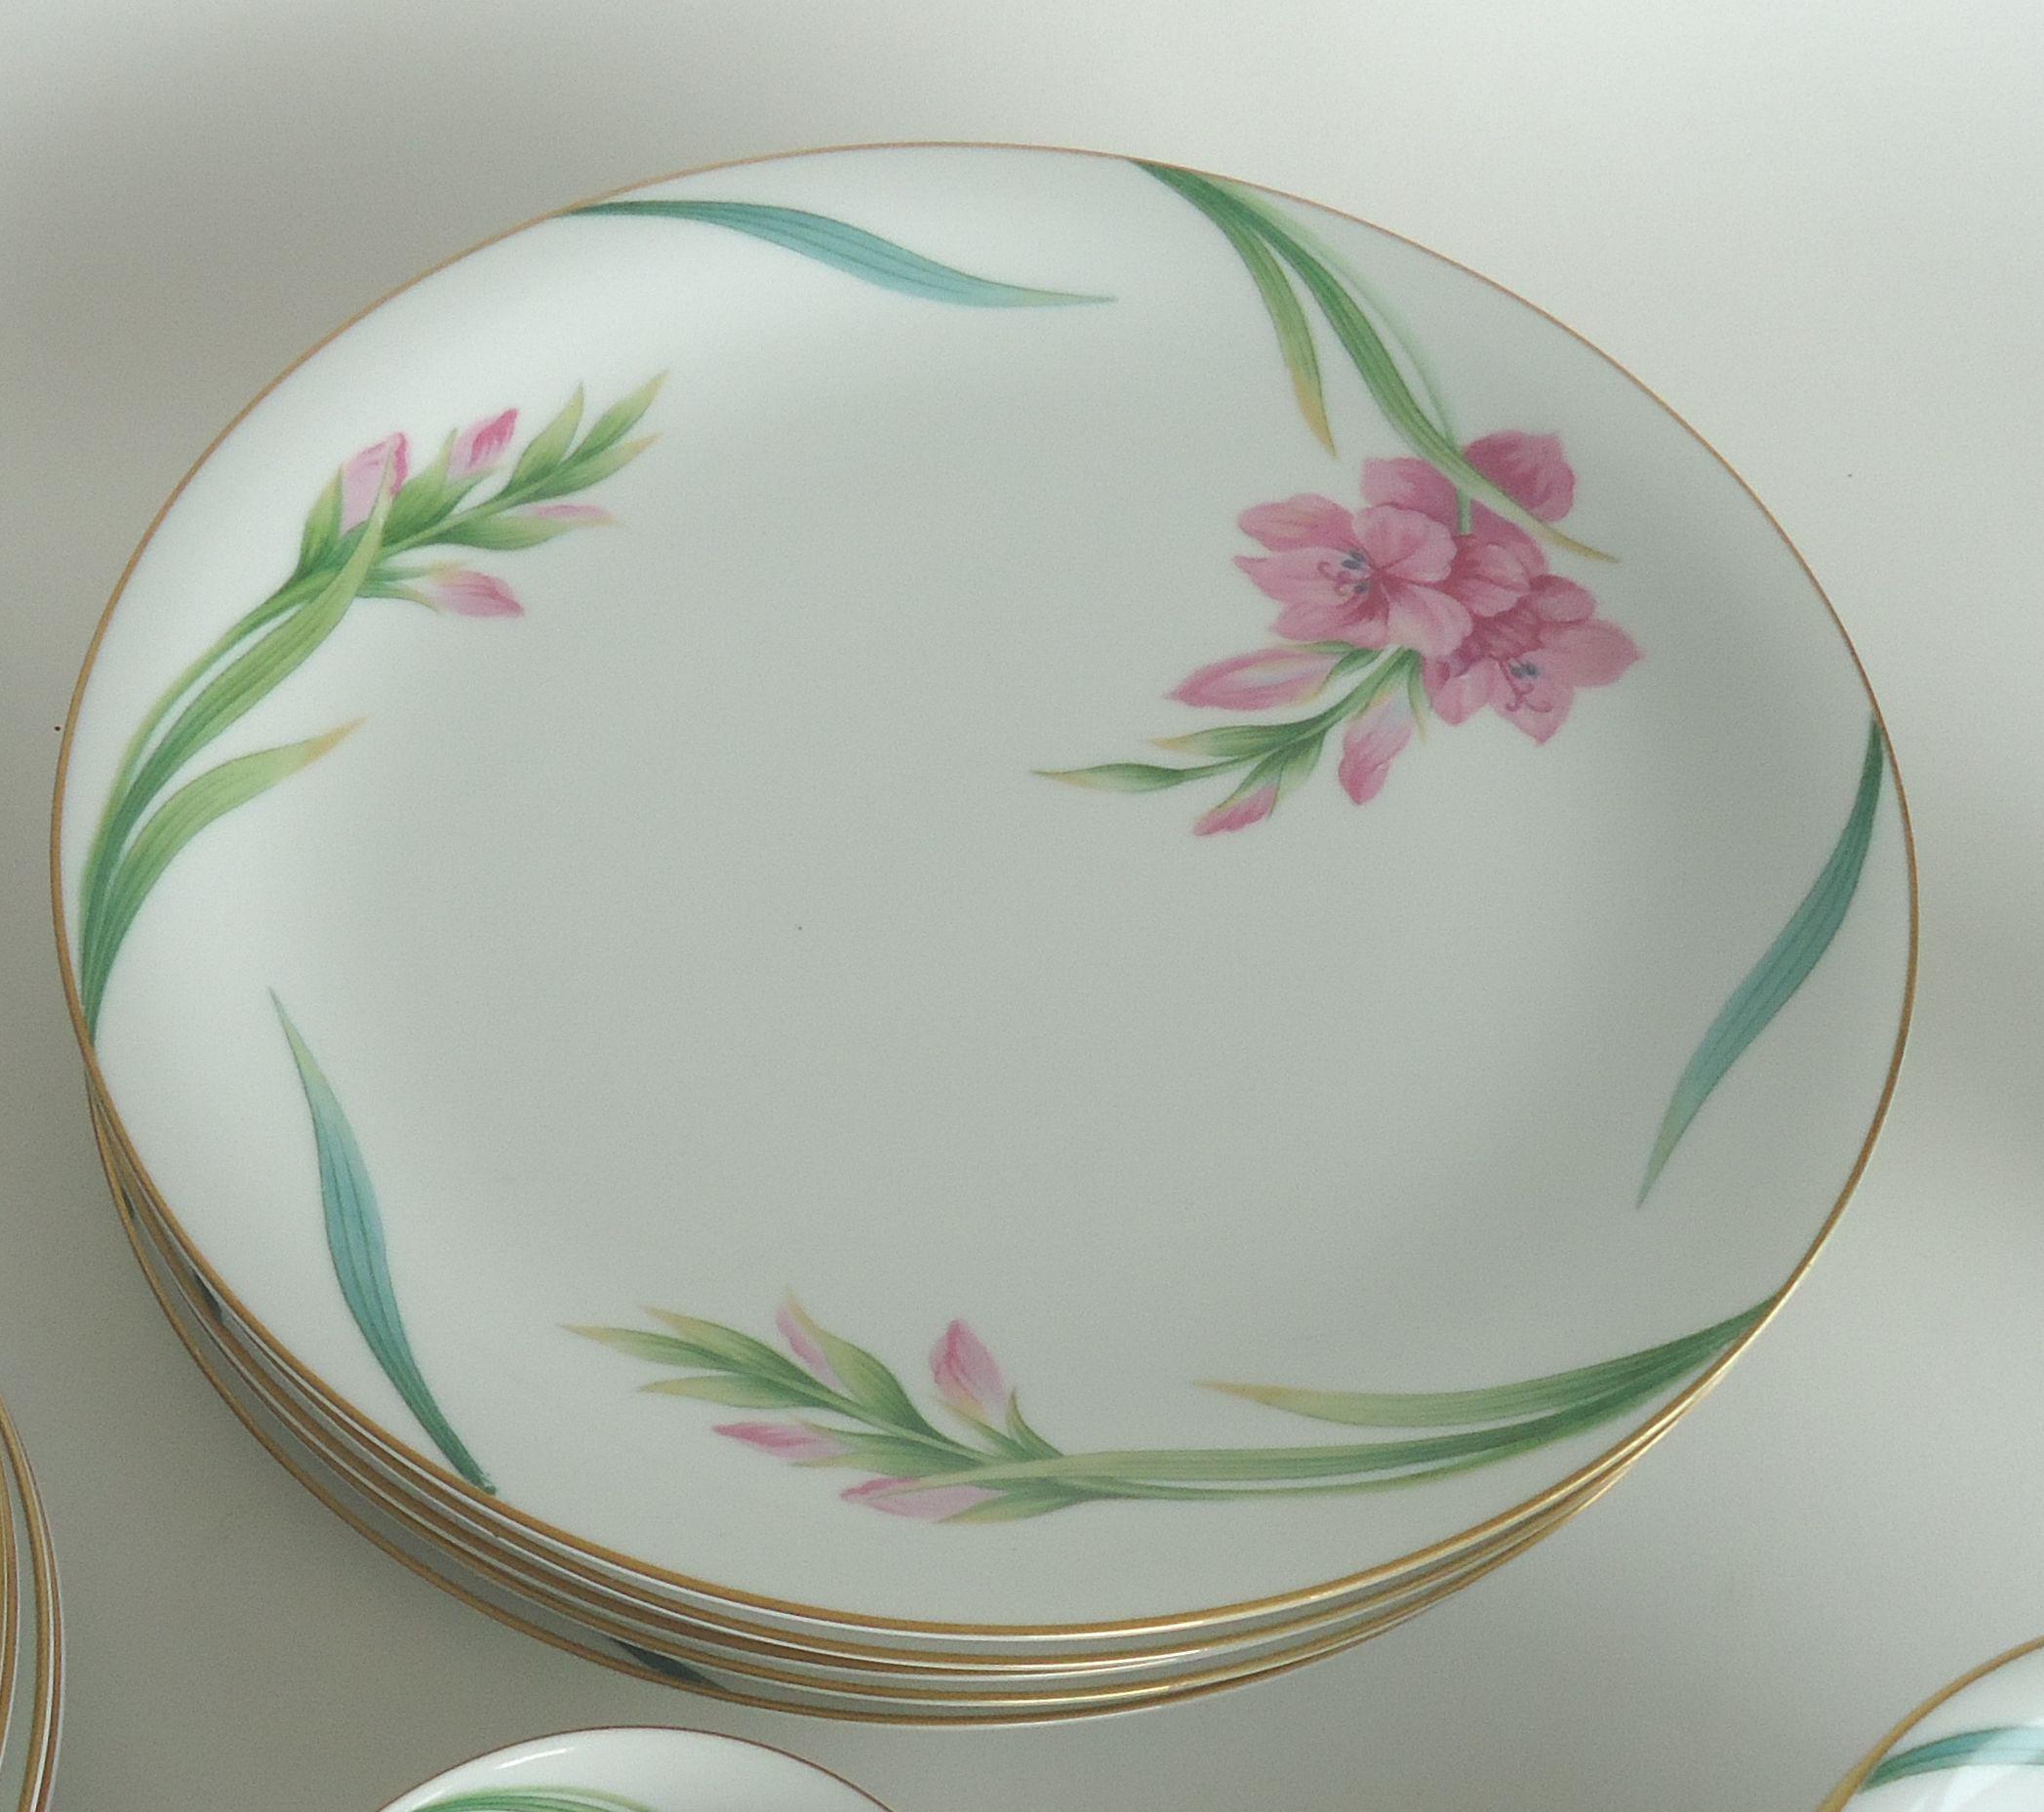 Noritake Gladiola Flowers Dinnerware - Set of 55 - Image 3 of 6 & Noritake Gladiola Flowers Dinnerware - Set of 55 | Chairish